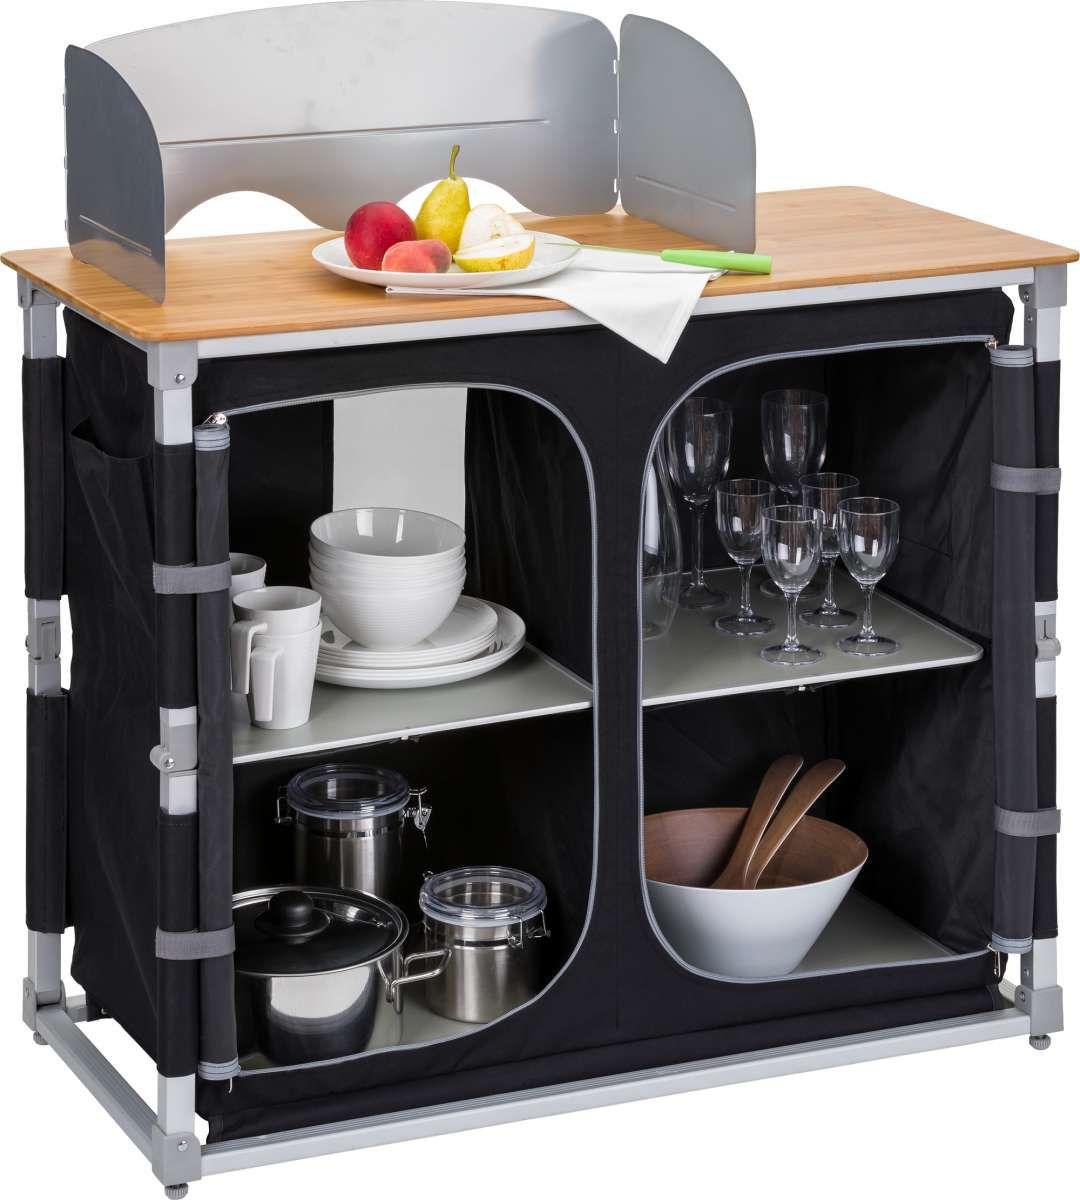 Berger Kuchenbox Deluxe 04036231059667 Kuche Campingschrank Box